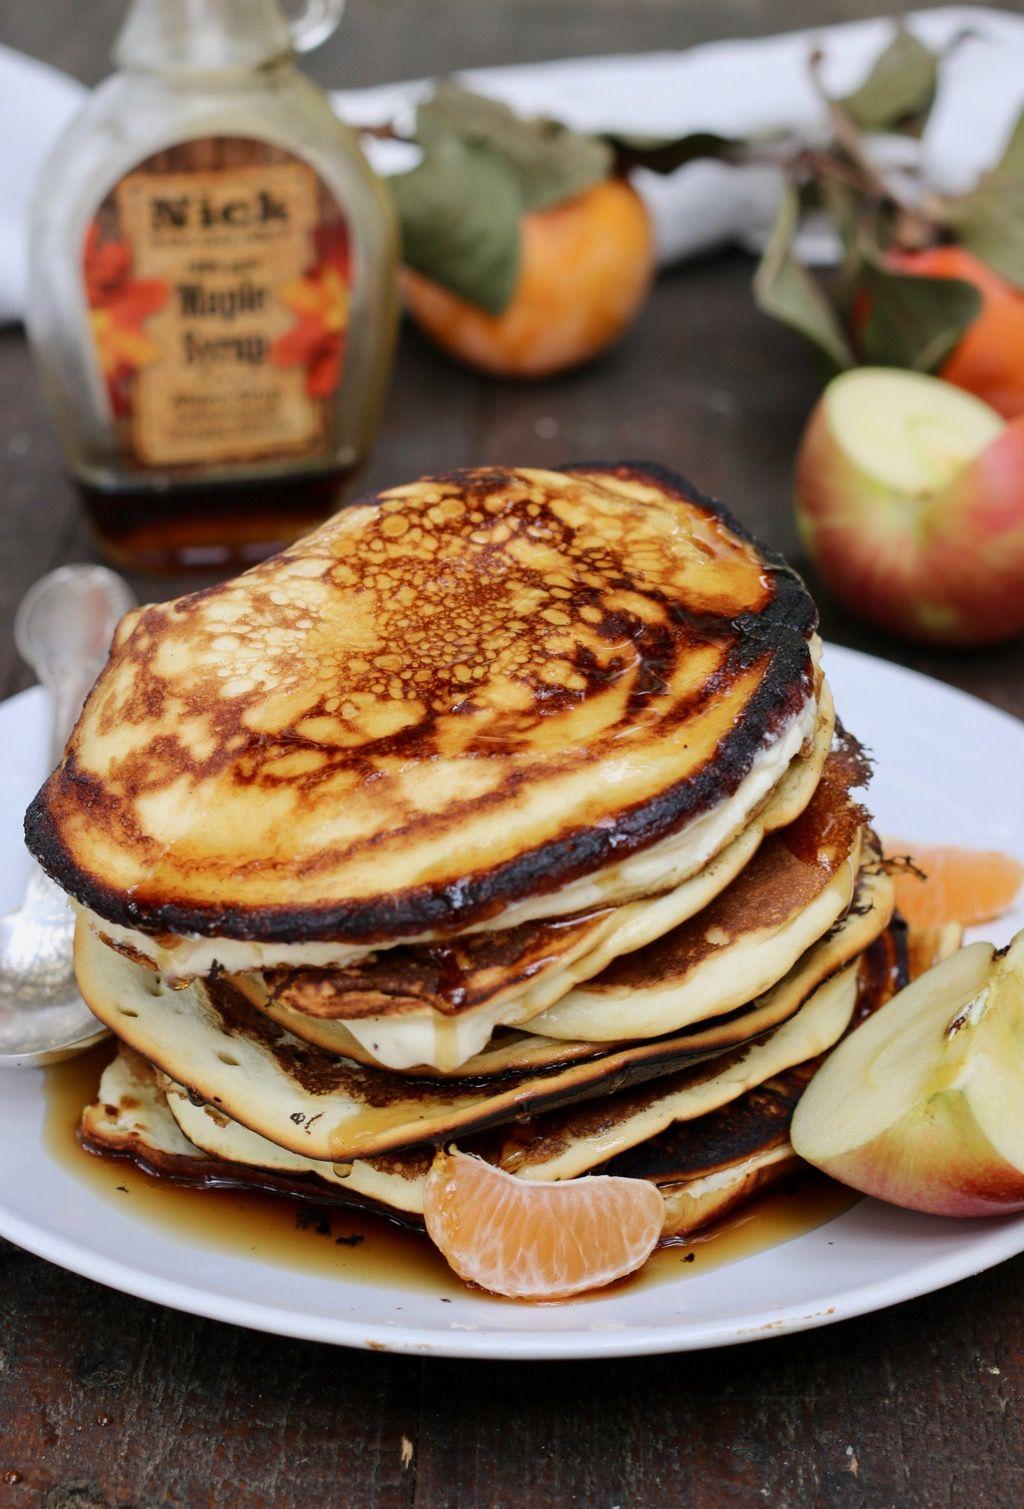 5b259578890bf4184a7e60b29d107cbf - Ricette Dei Pancake